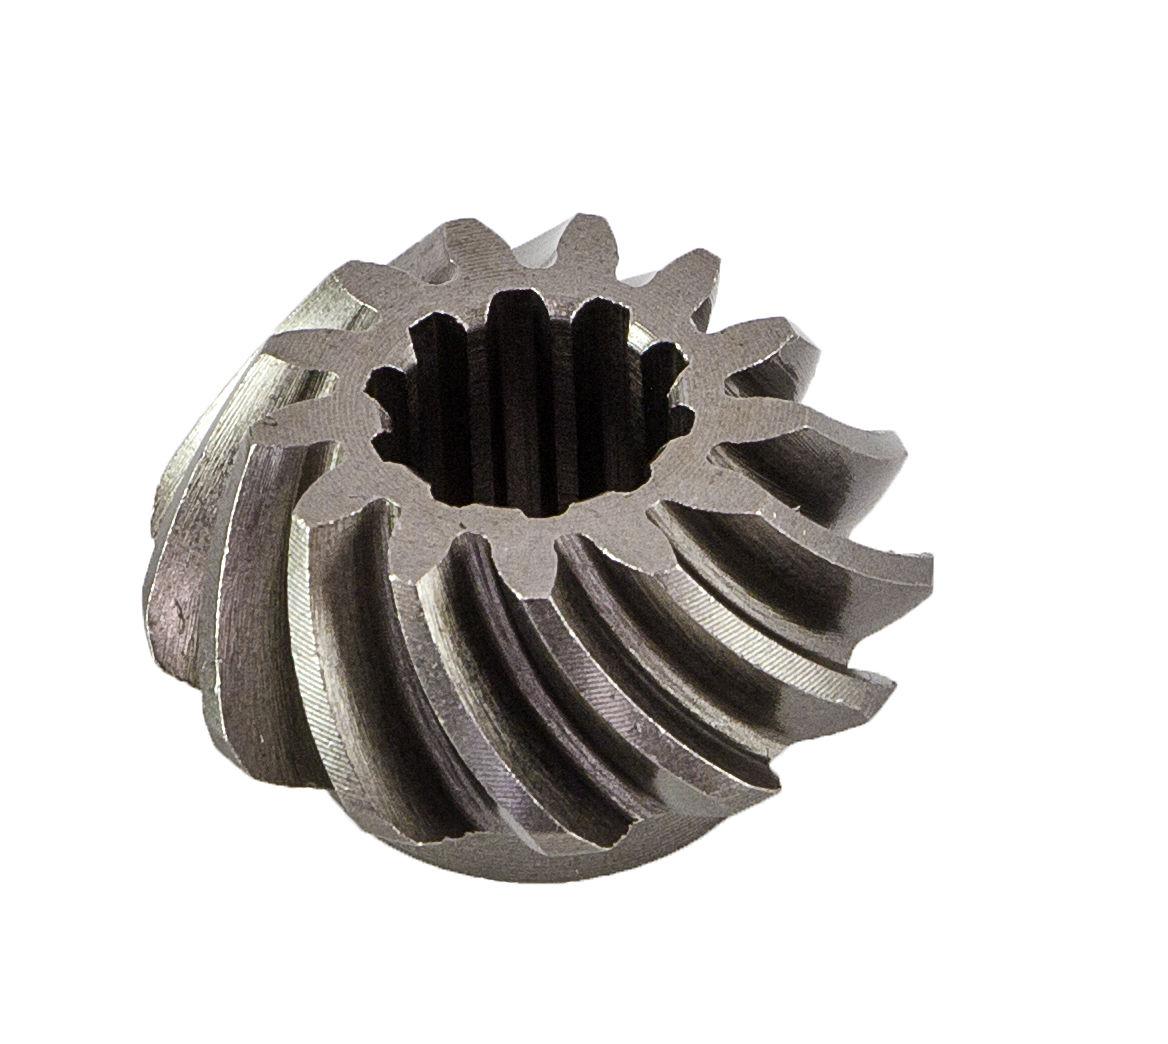 Gear Reducer Tohatsu/Mercury 6-9.8, Pinyon (B) OMAX 3B2640200_OM